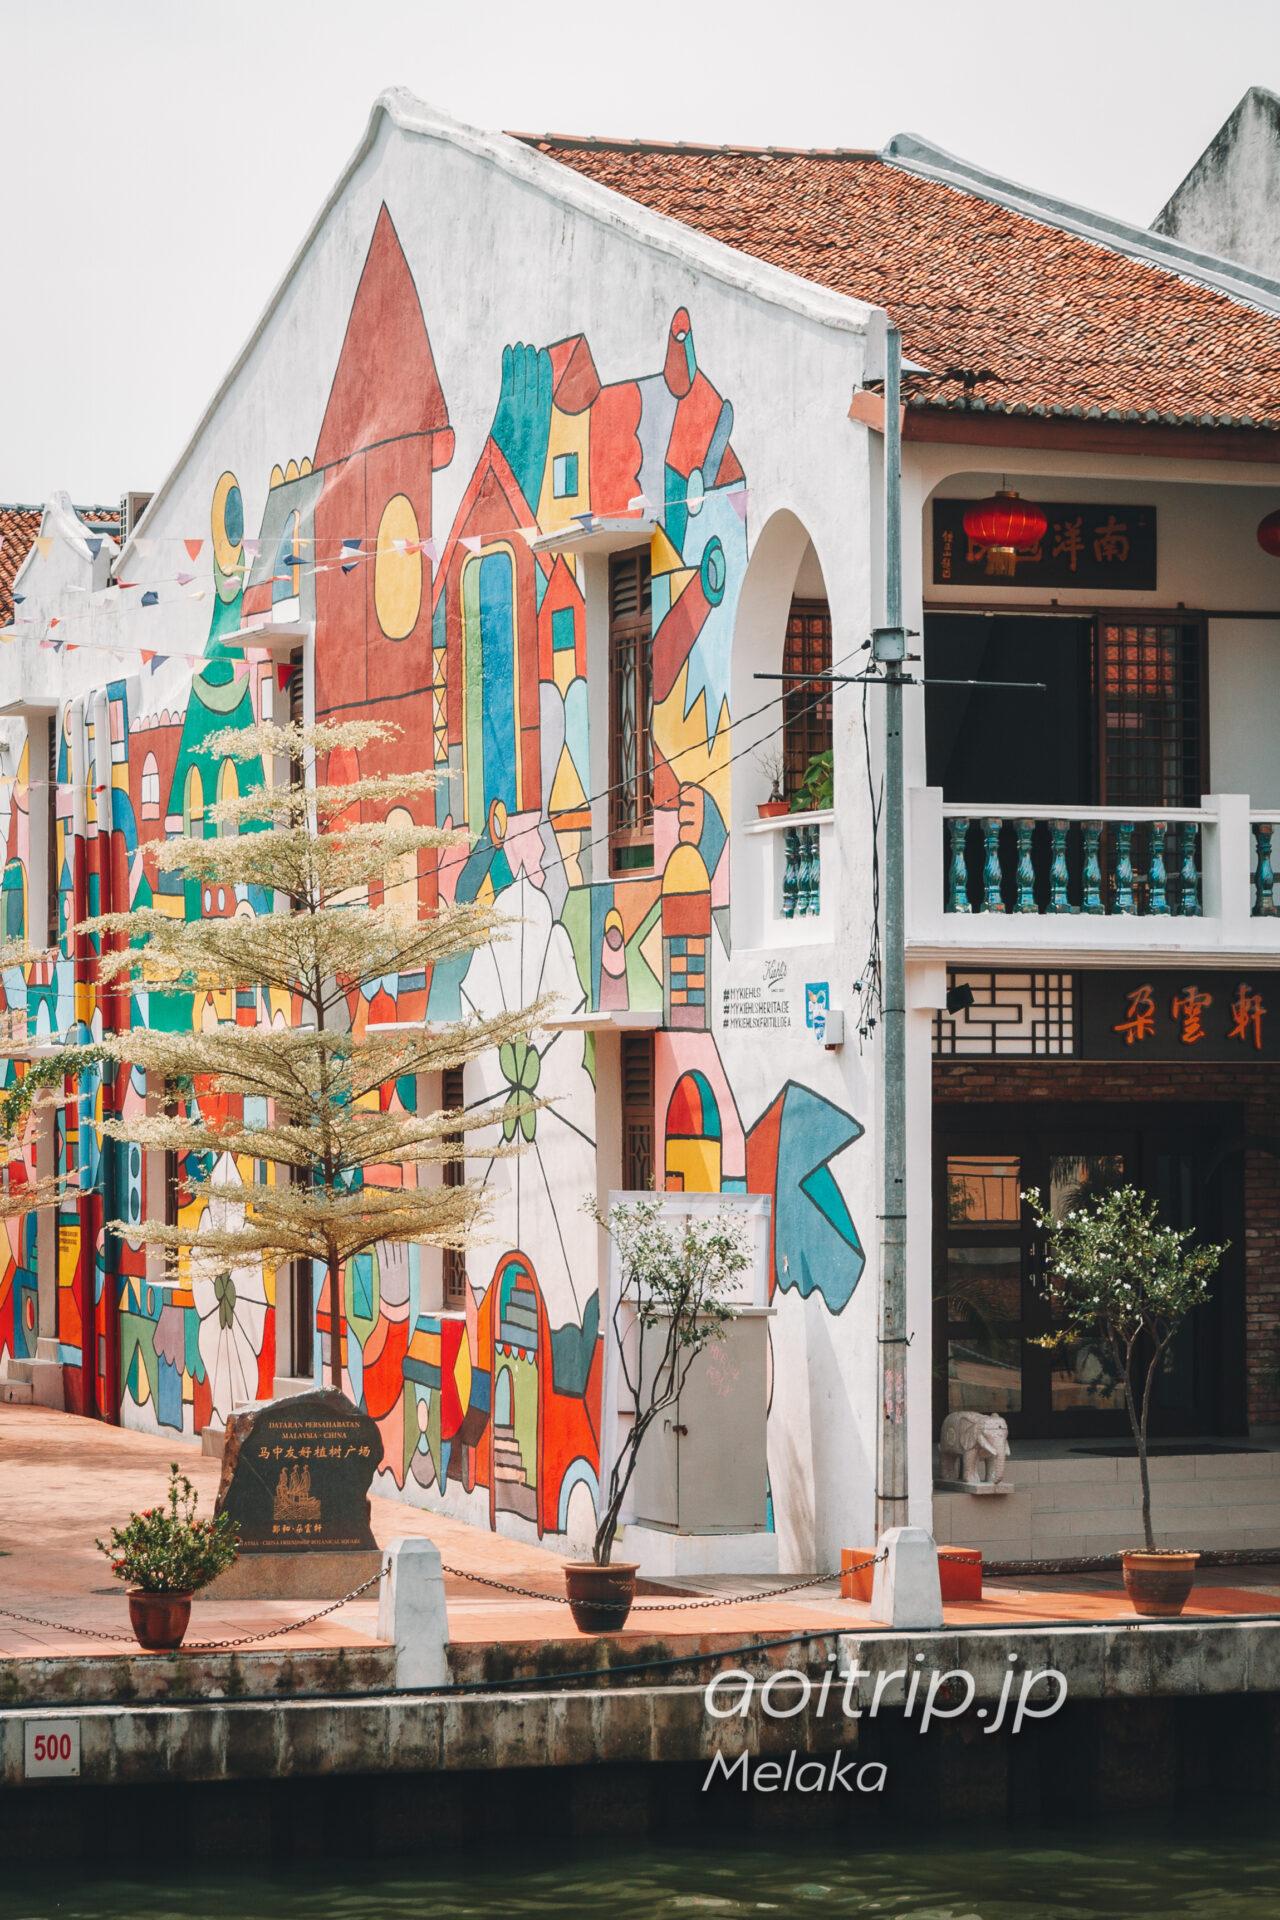 世界遺産マラッカ観光 海上交易の要衝を巡る… Melaka Travel Guide